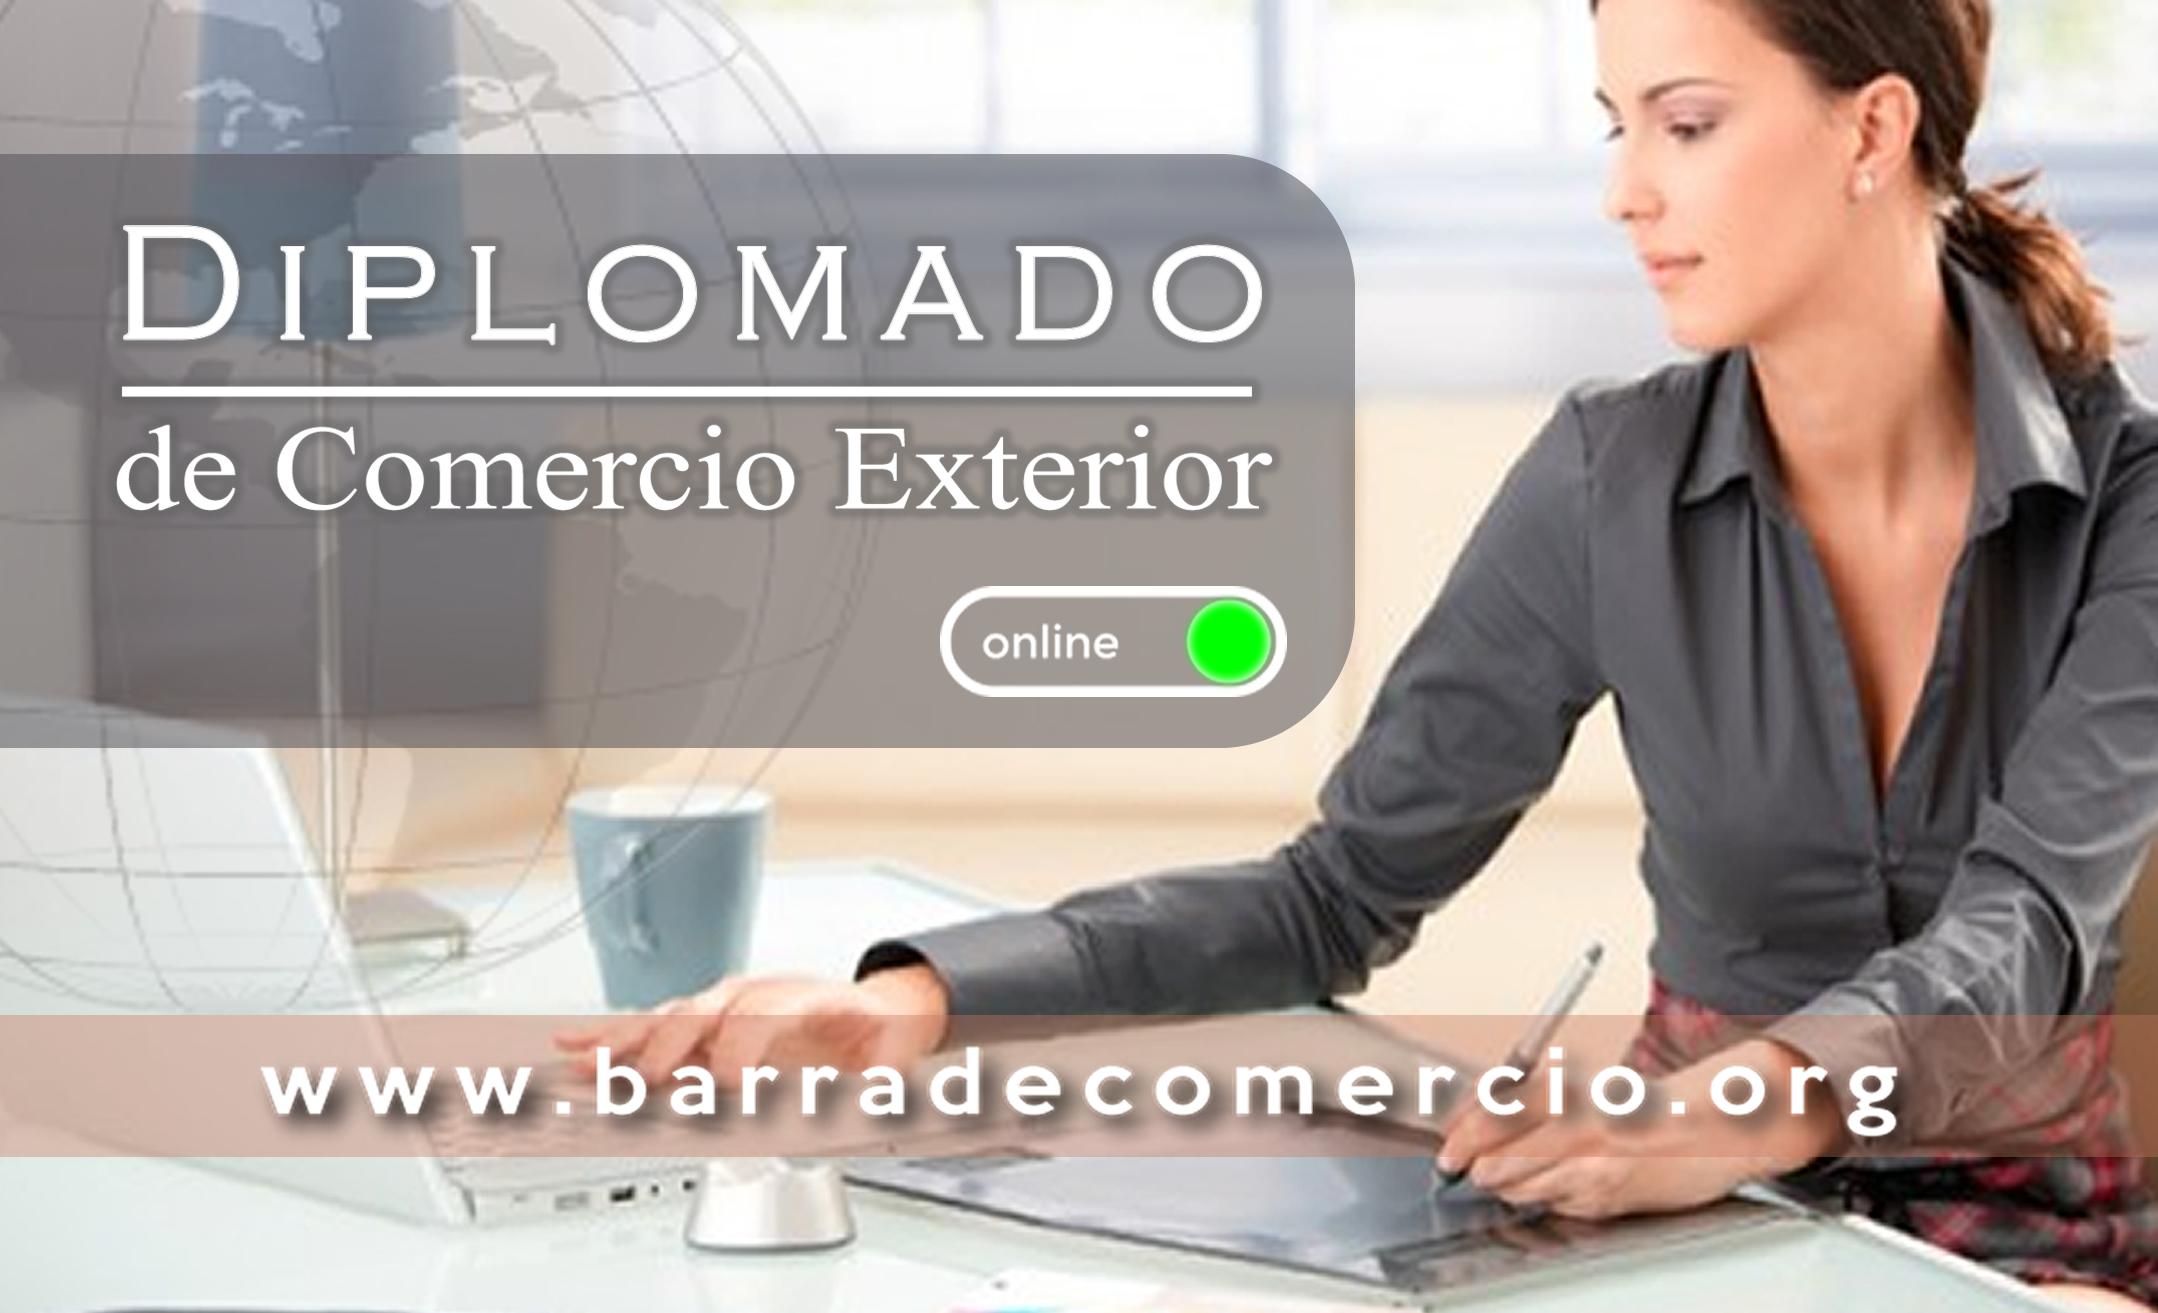 Diplomado de Comercio Exterior